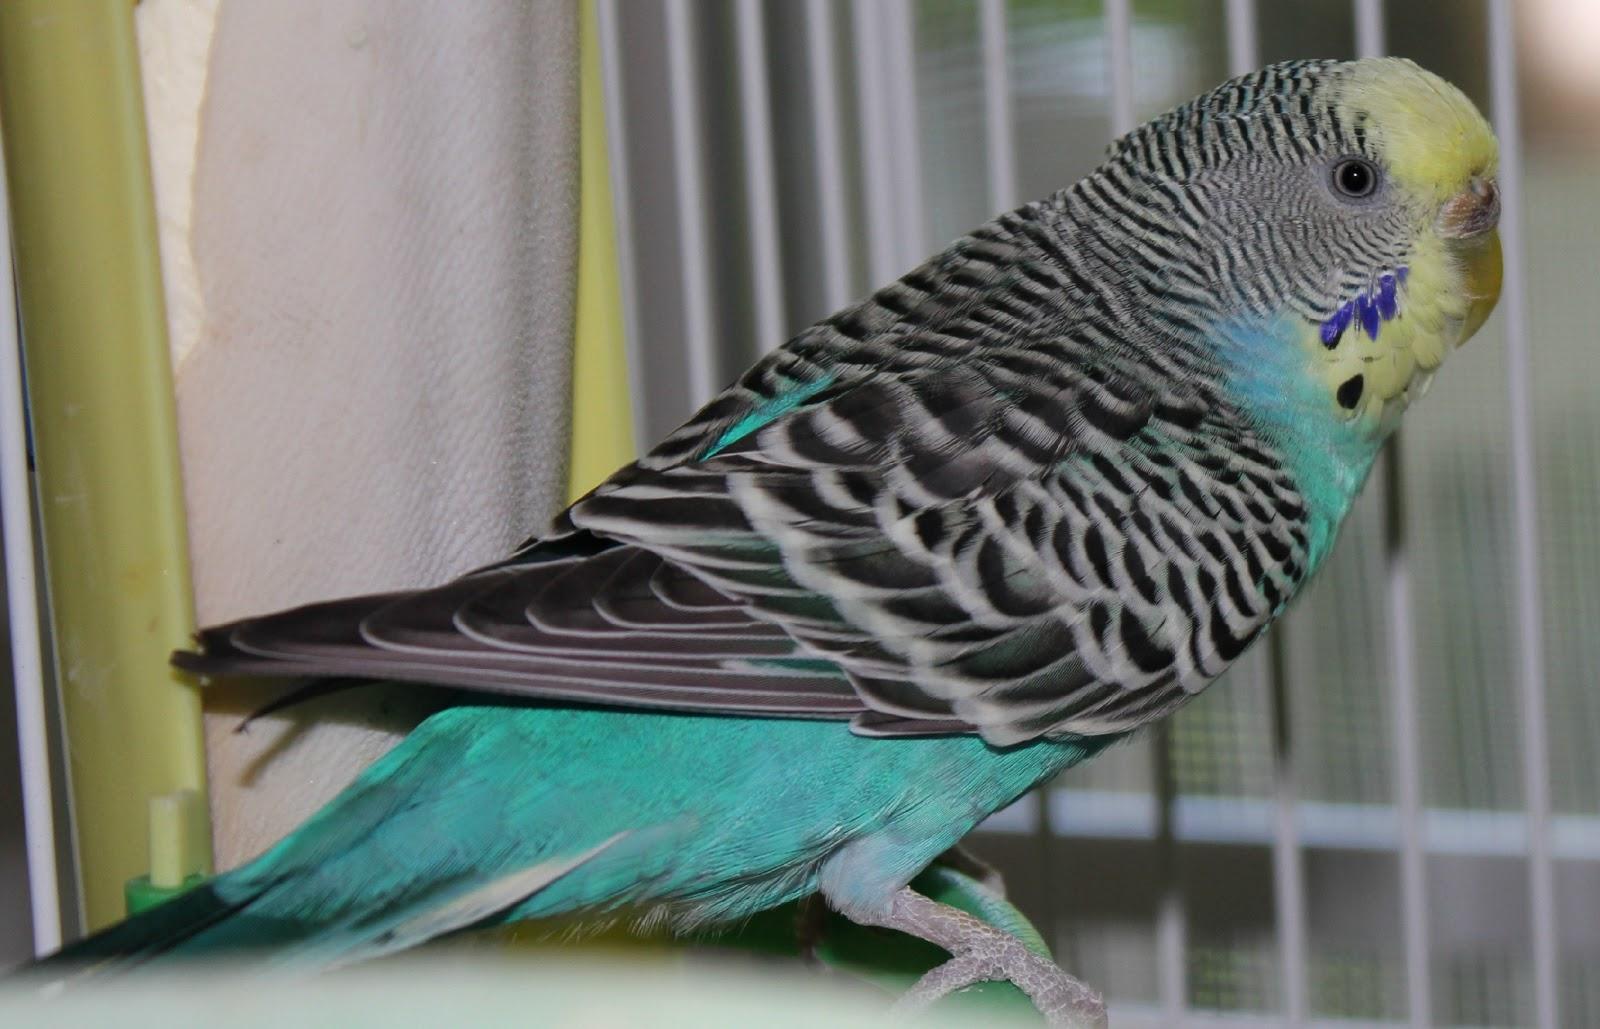 Blue Petsmart Parrots